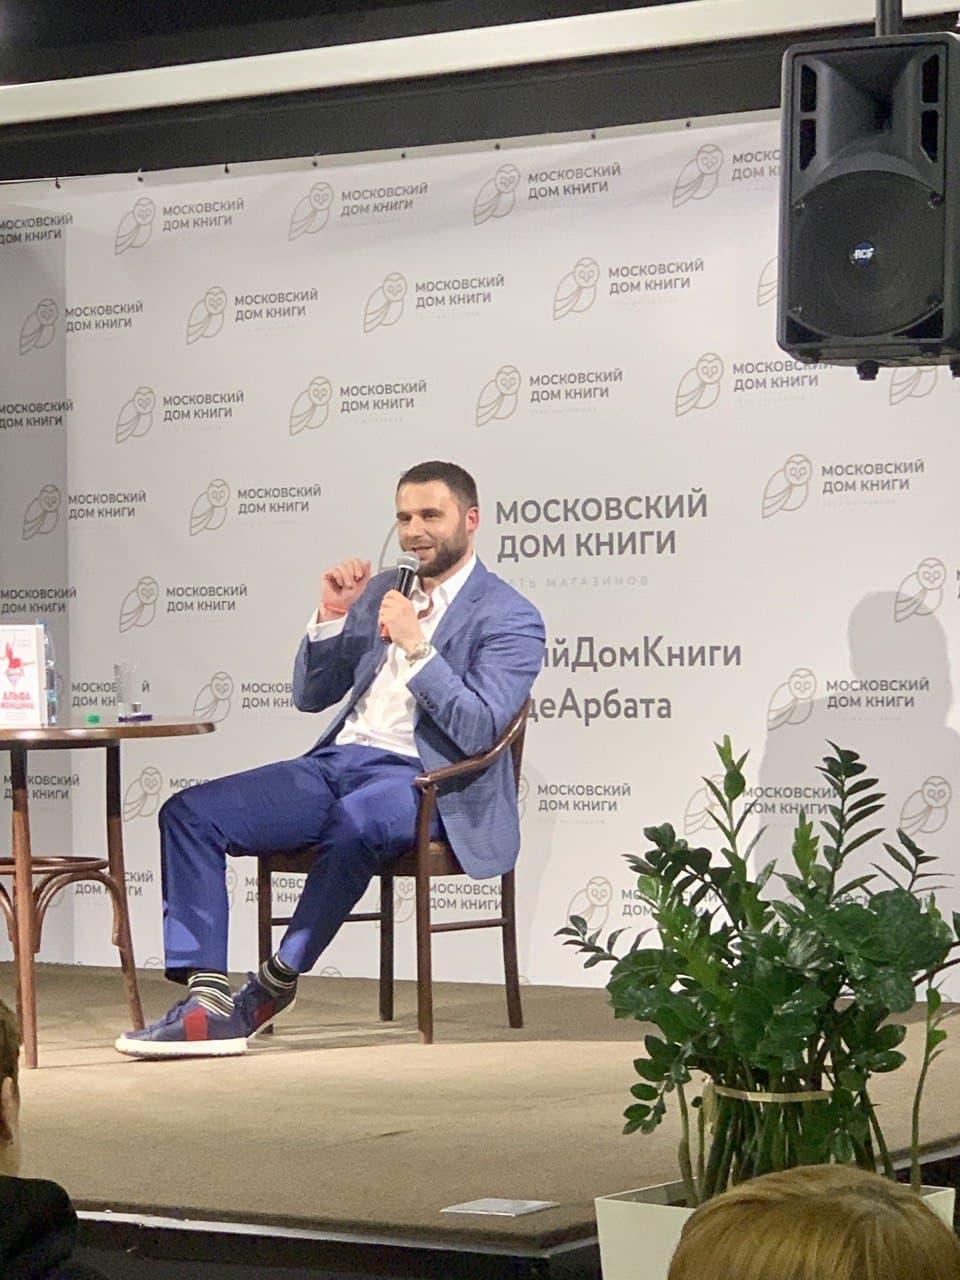 Московский дом книги перезентация книги Филиппа Литвиненко